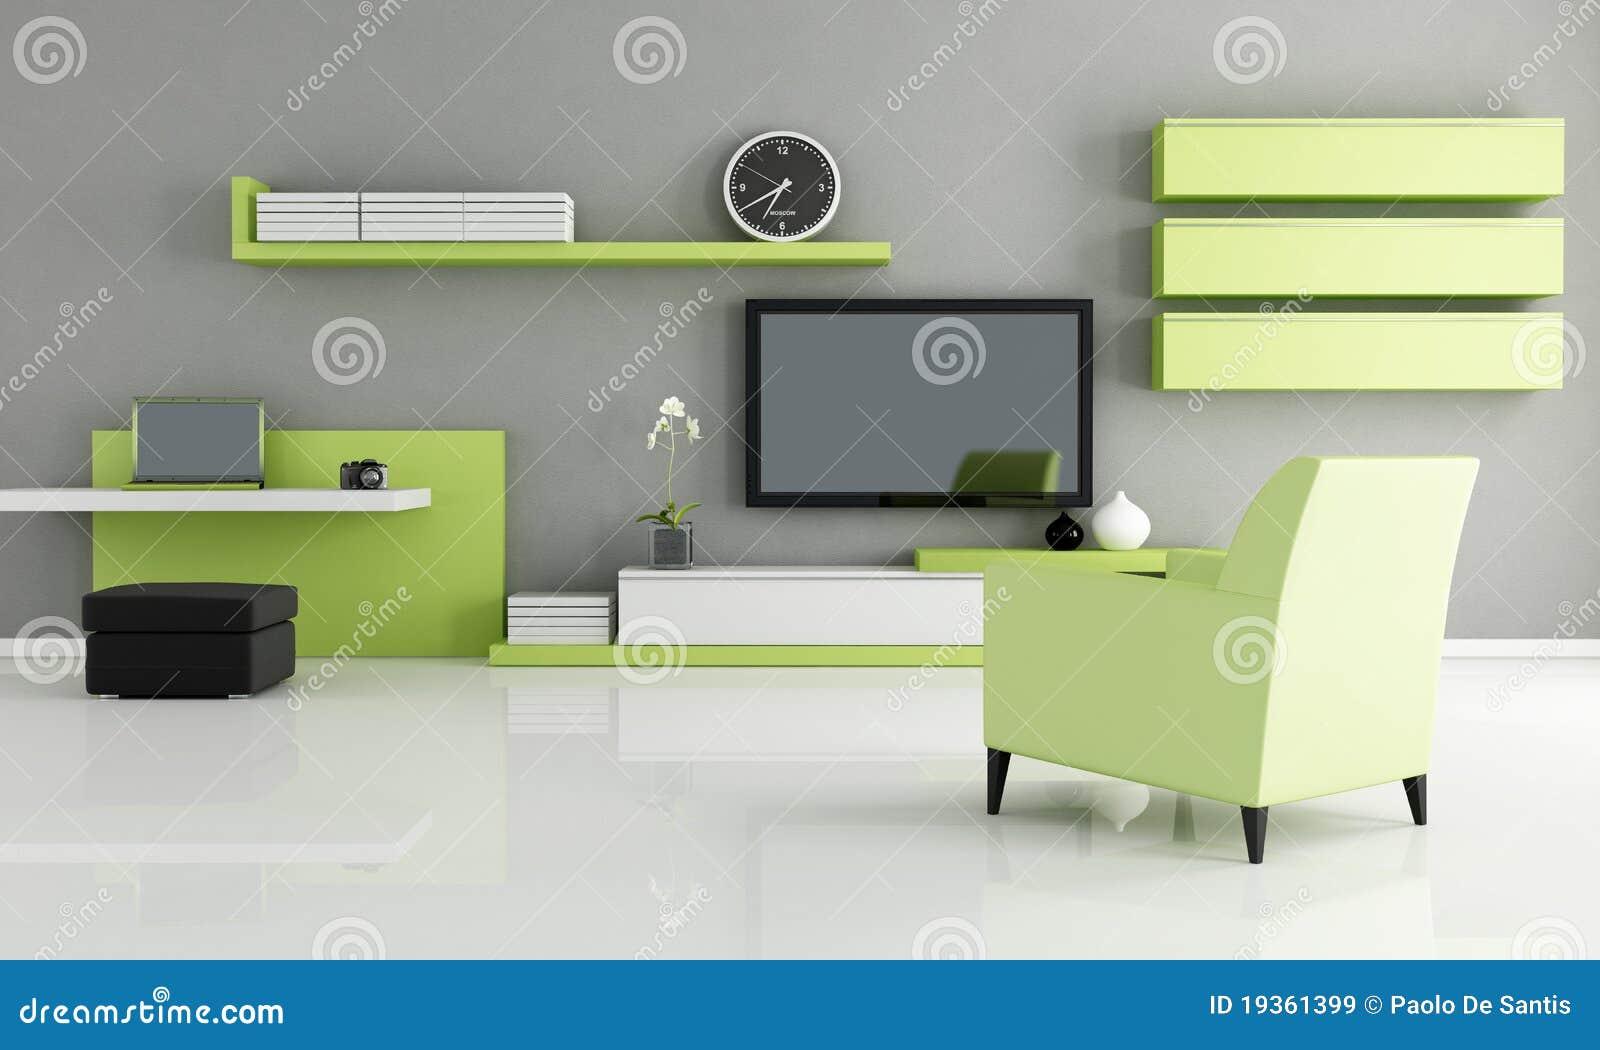 Modernes wohnzimmer lizenzfreie stockbilder bild 19361399 for Wohnzimmer junggeselle